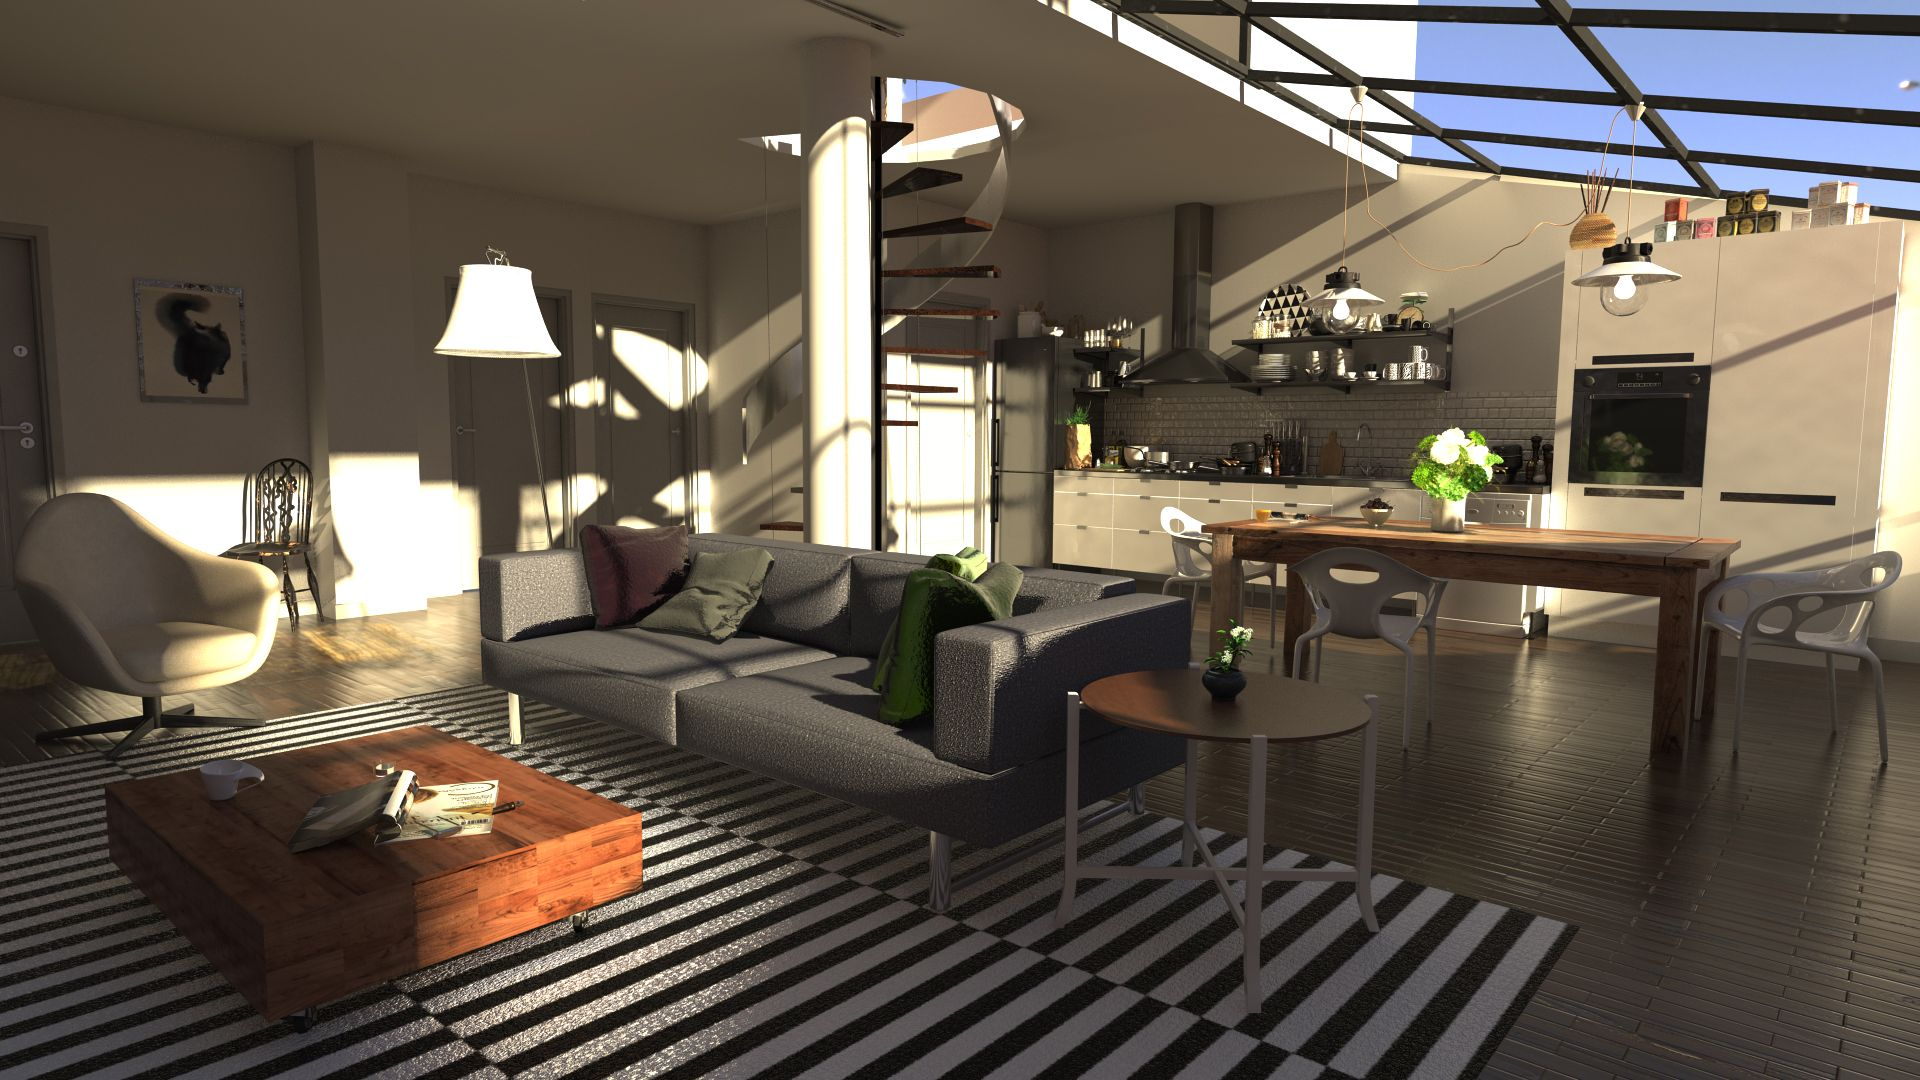 Diseño vivienda - Marta Moreno